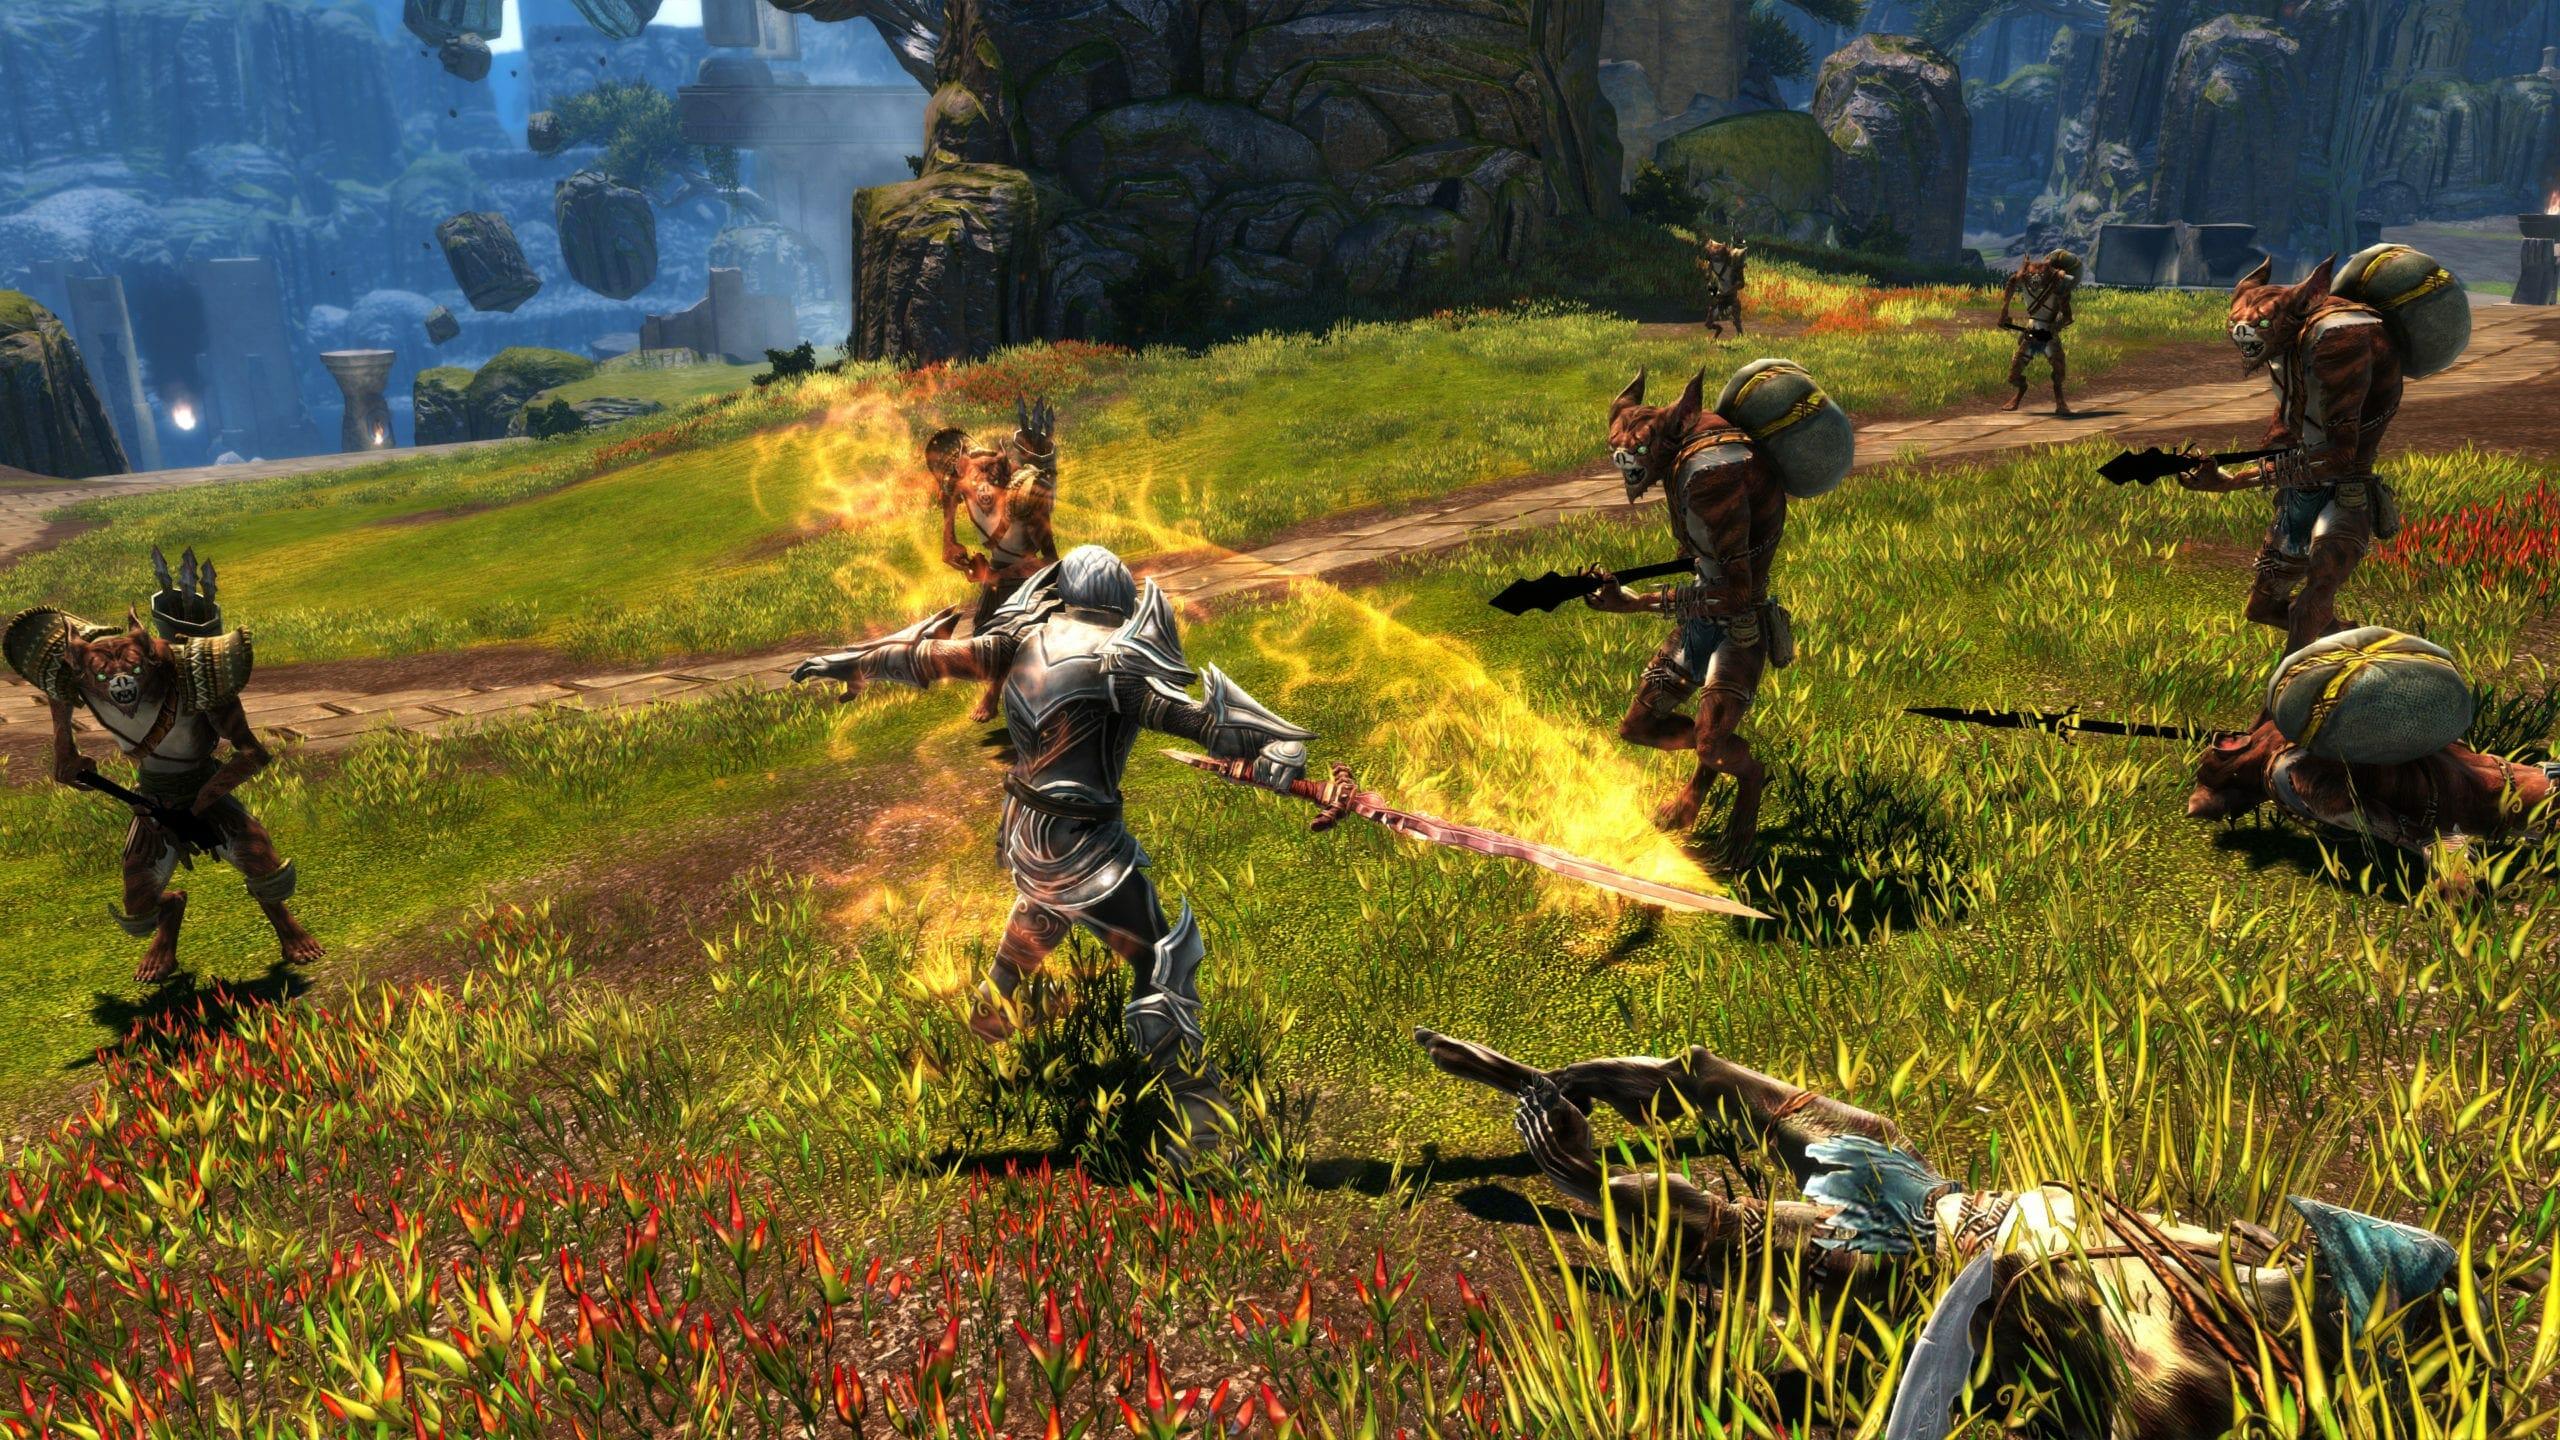 Skip Kingdoms of Amalur Re-Reckoning Intro Videos